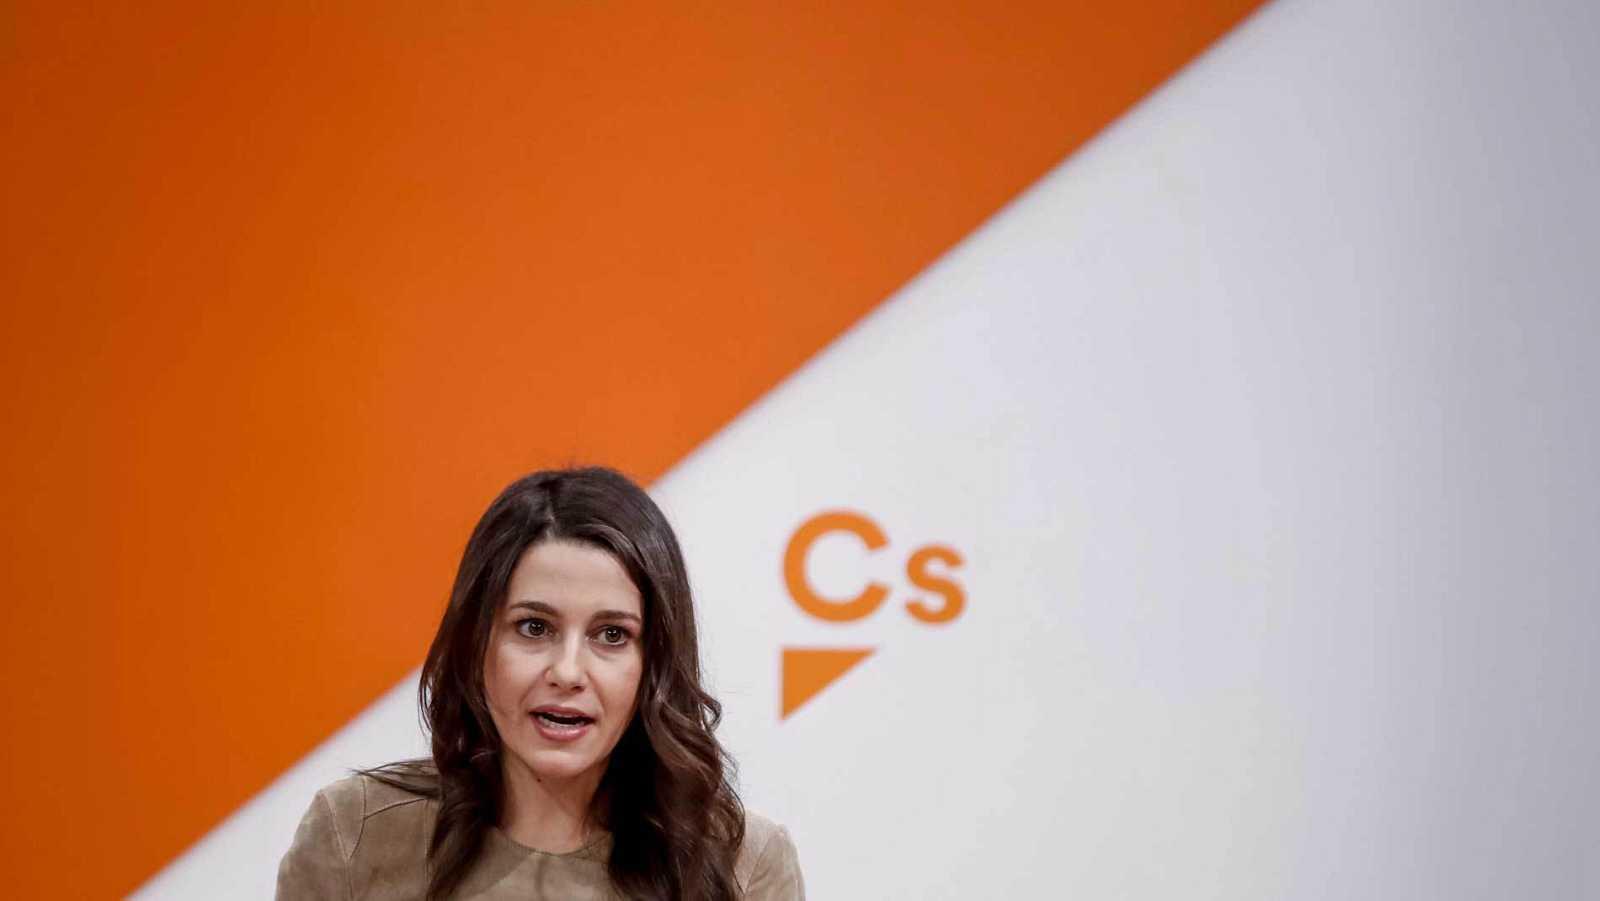 La diputada de Ciudadanos, Inés Arrimadas, en una imagen de archivo.